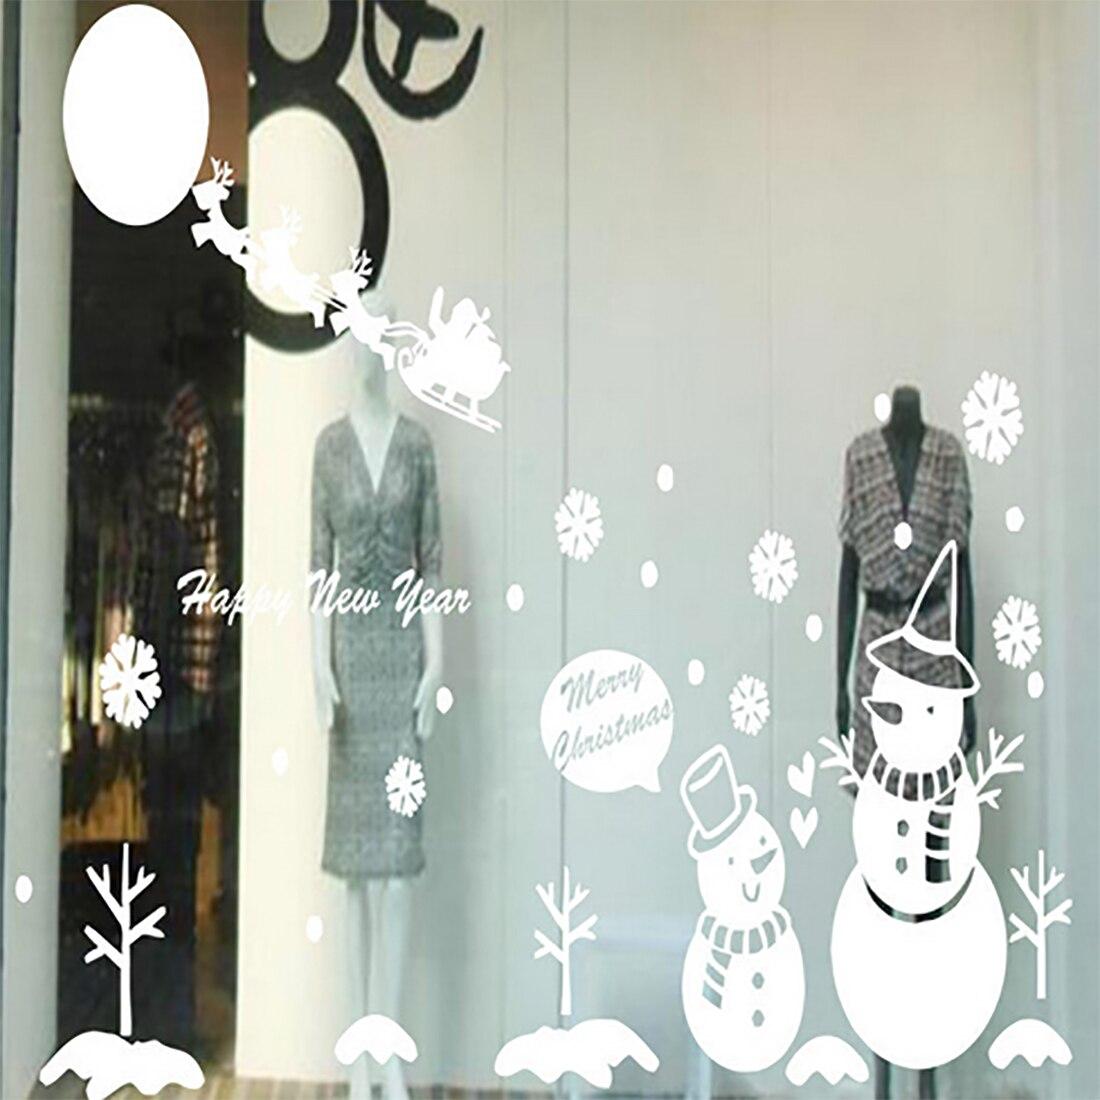 gran ao nuevo copo de nieve rbol de navidad pegatinas de pared de navidad decal ventanas